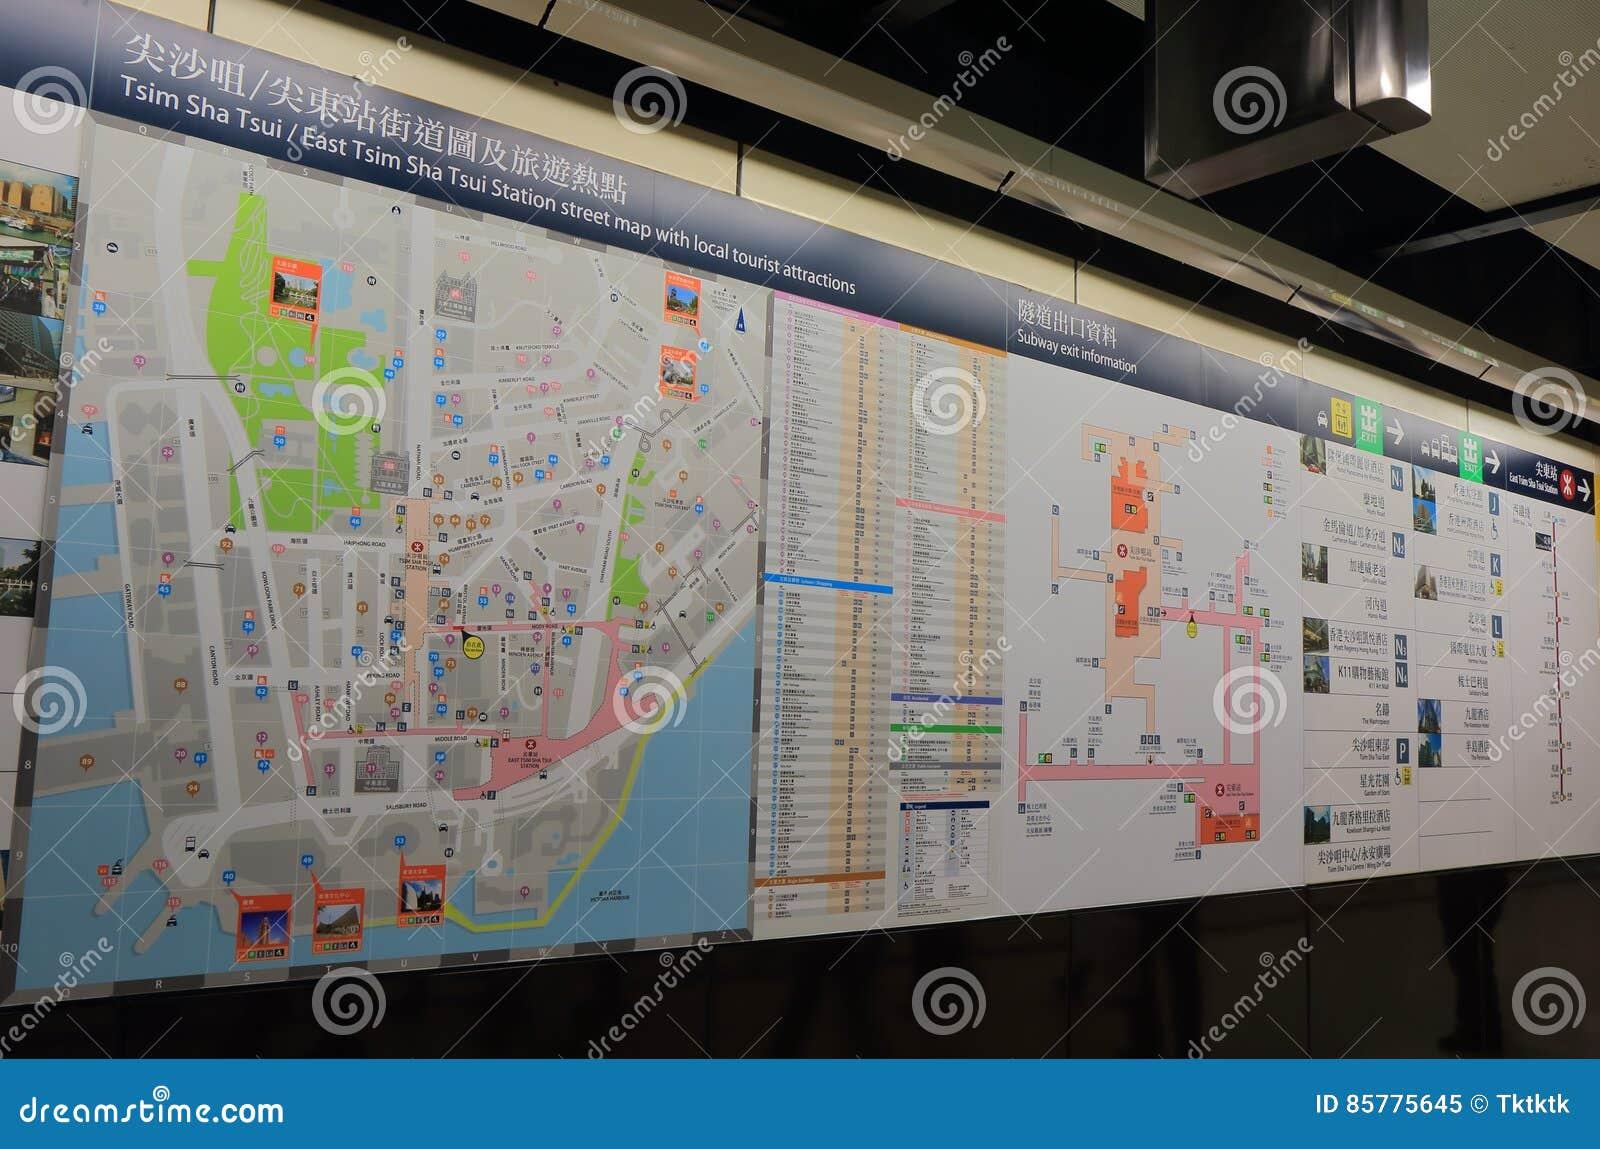 Hong Kong Subway Map Download.Tsim Sha Tsui Station Hong Kong Subway Metro Map Editorial Image